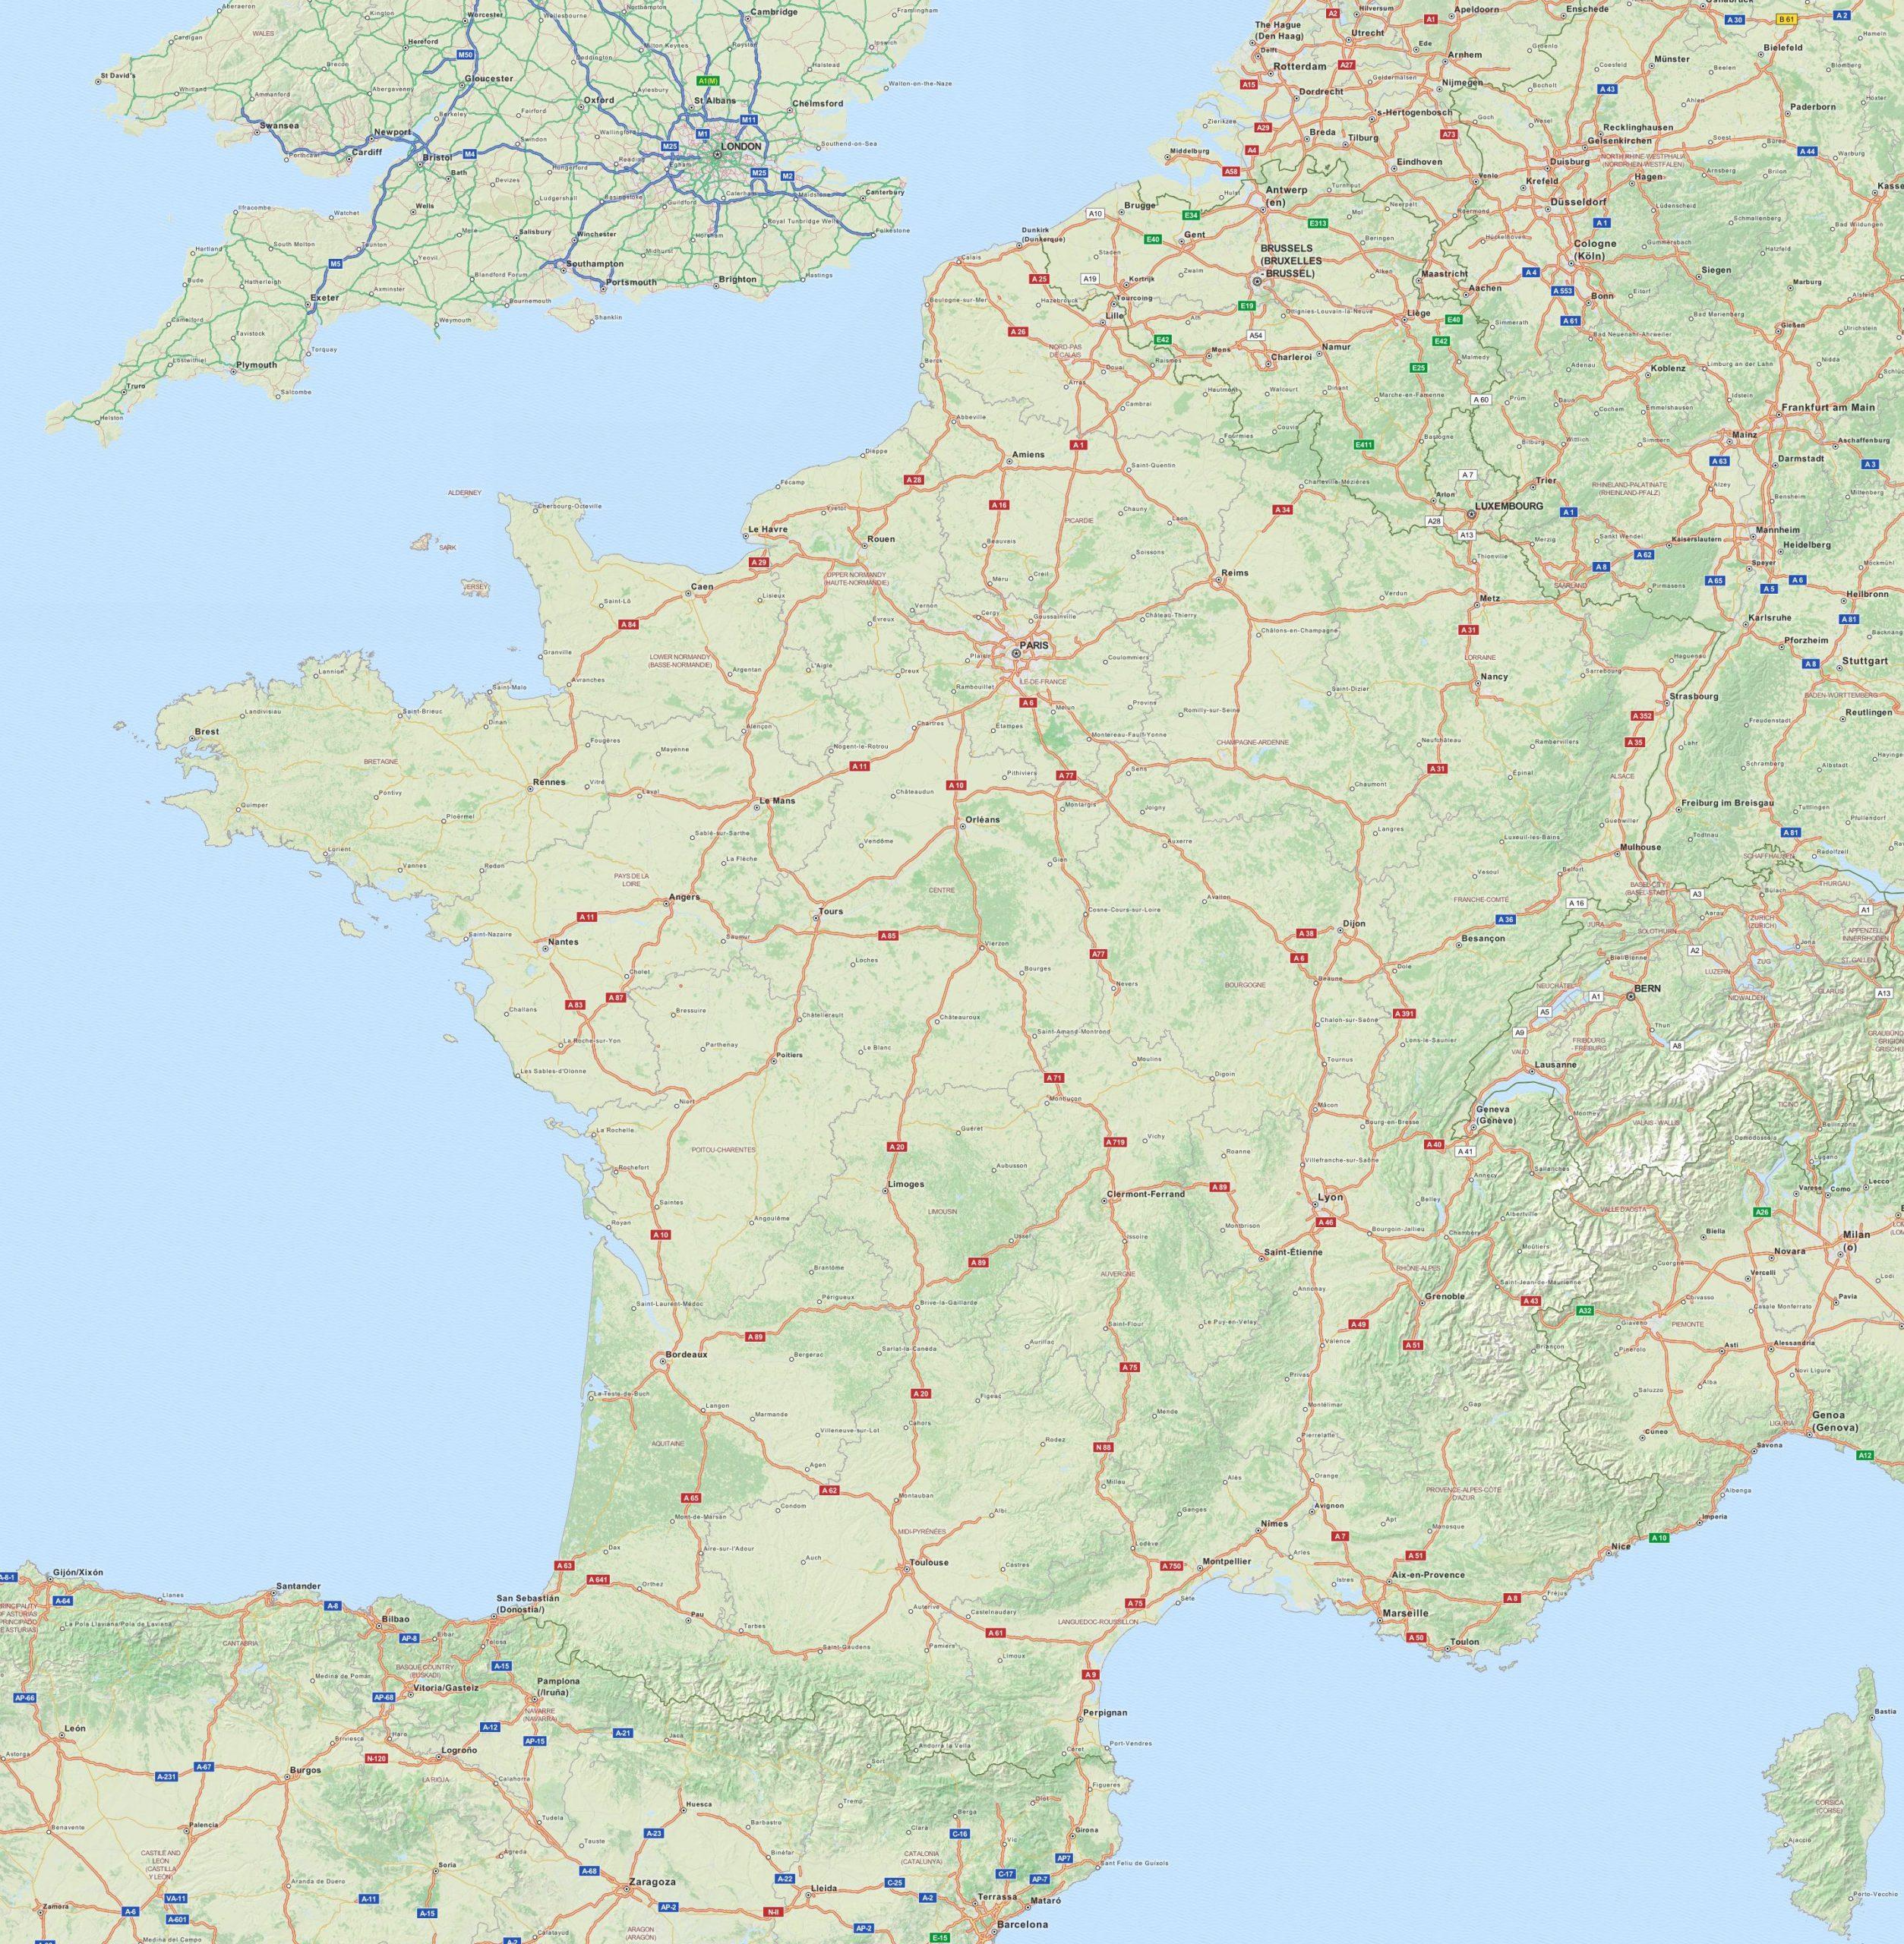 Calcul D'itineraire Routier - Carte Routière De France à Carte Du Sud De La France Détaillée